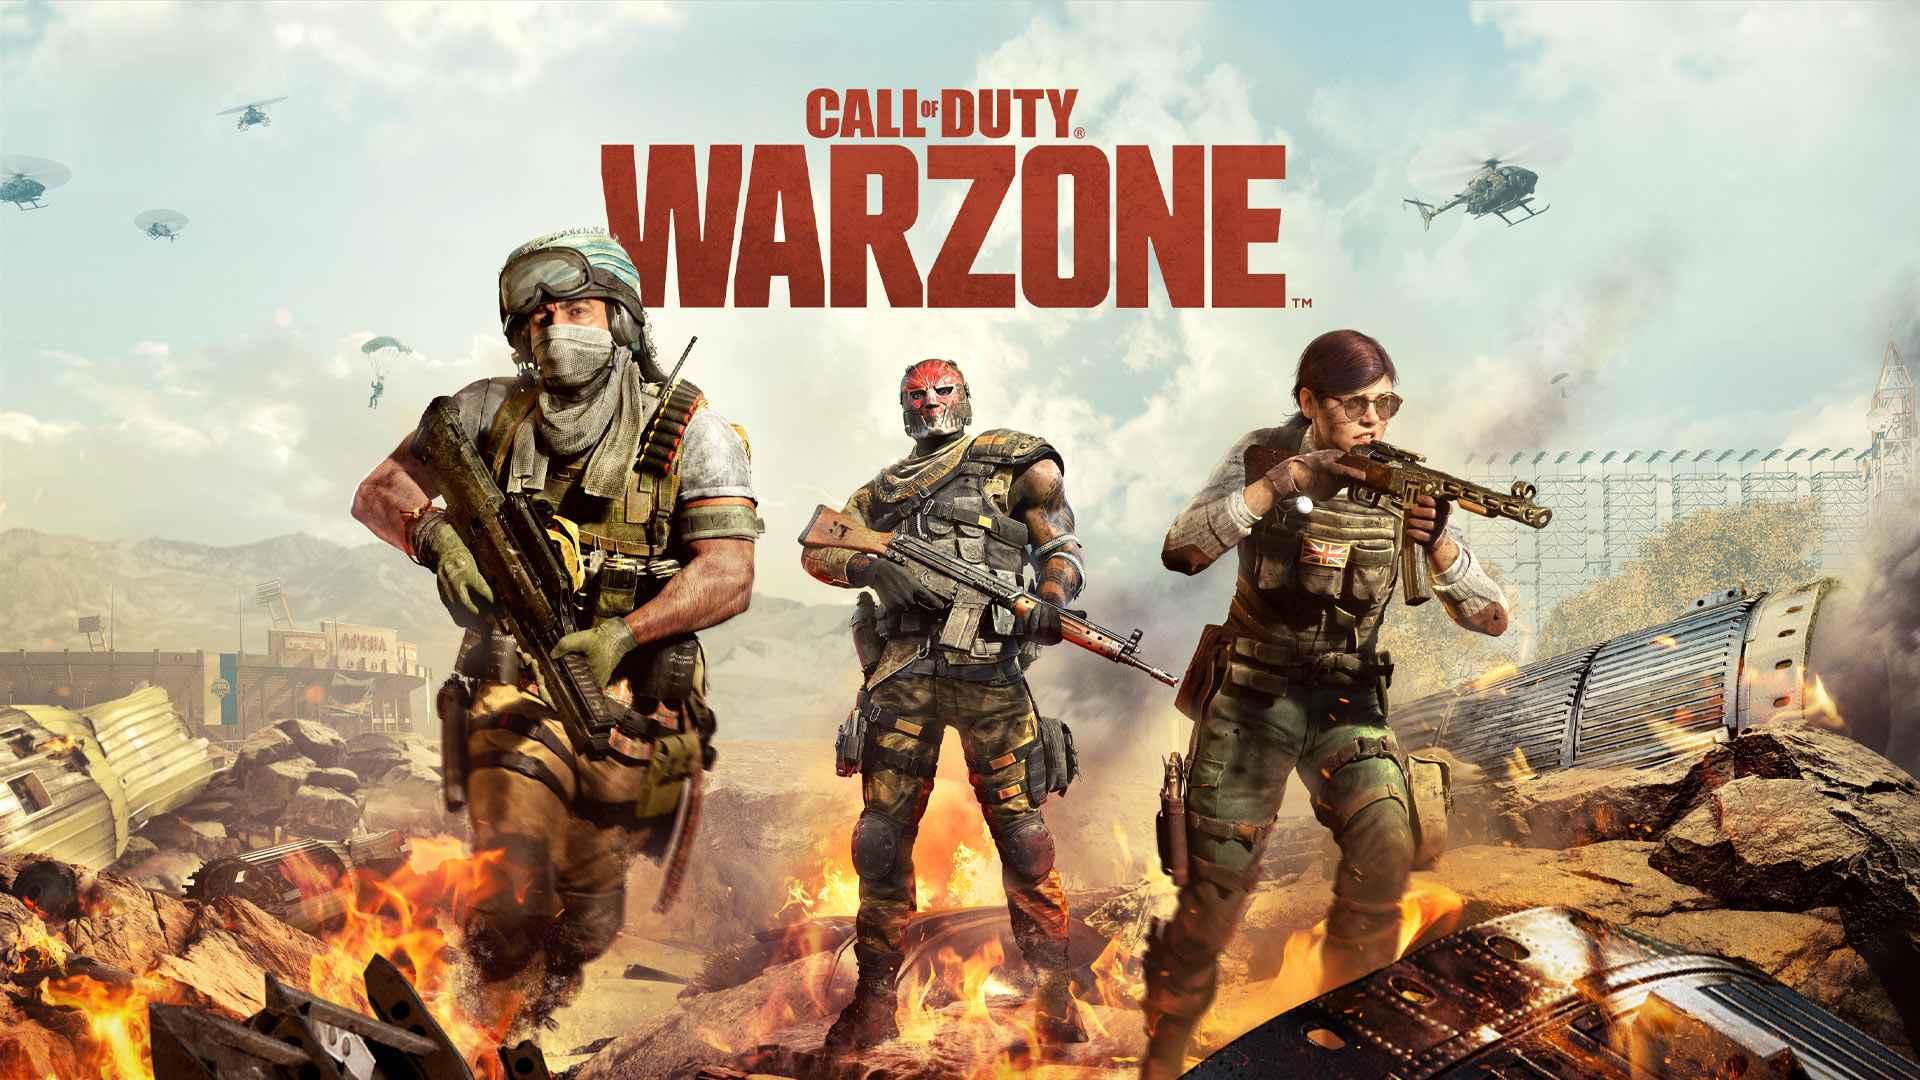 COD ZA Call of Duty South Africa